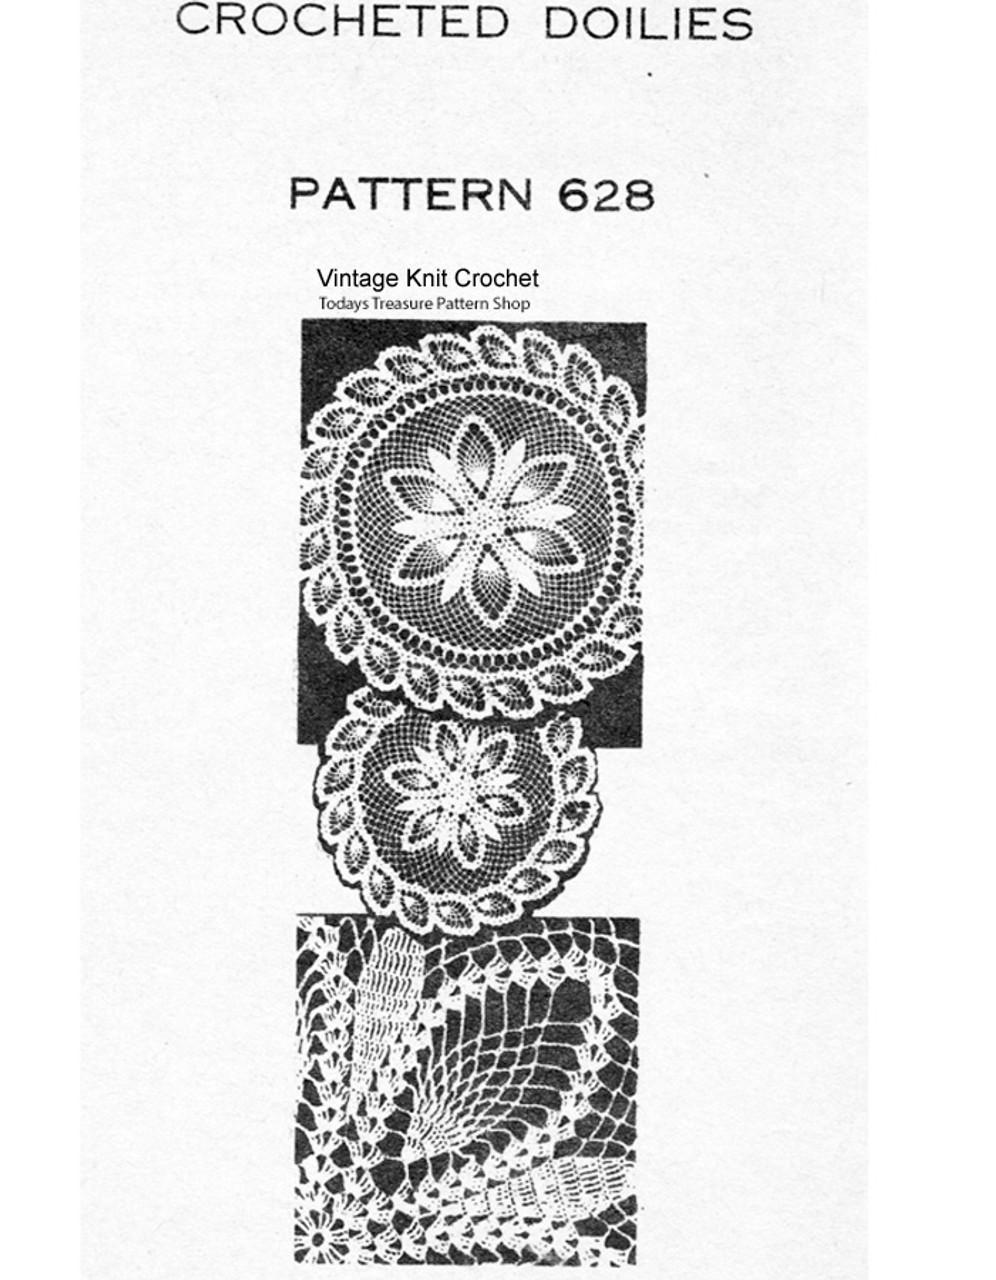 Crochet Doily Pattern, Pineapple Border, Mail Order 628